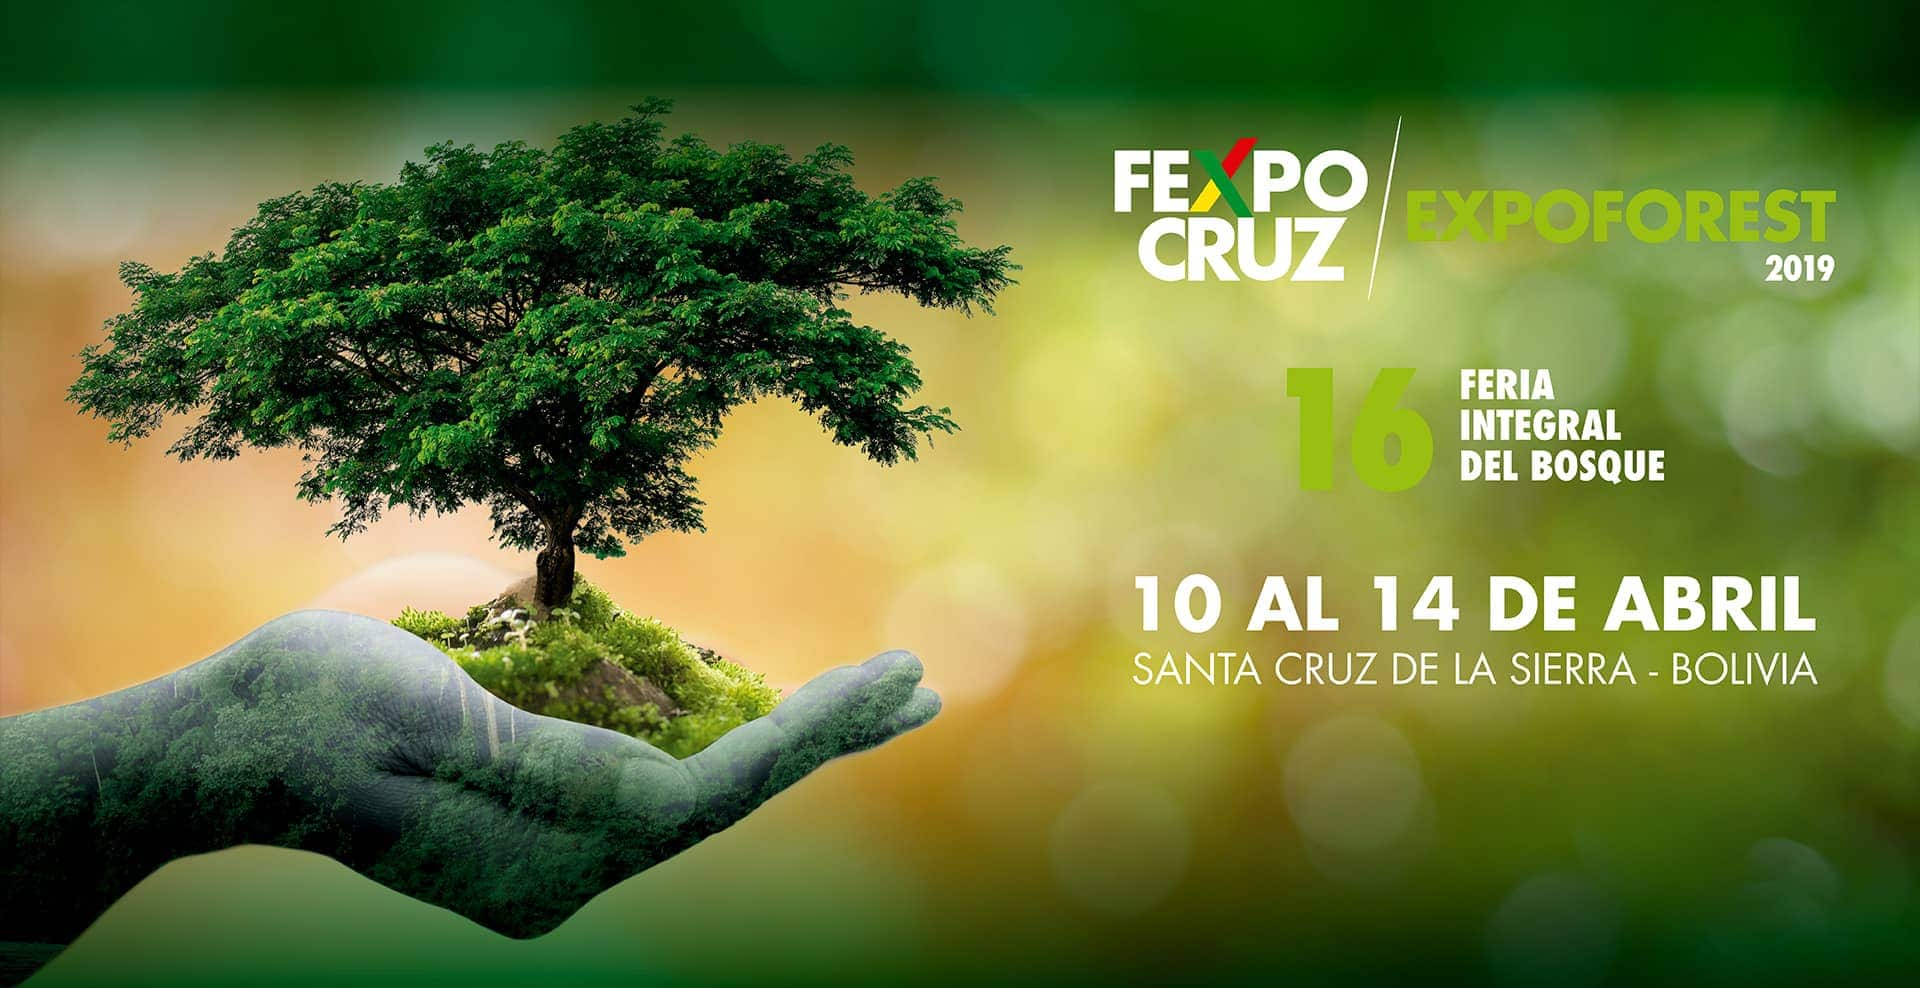 La Feria Integral del Bosque (Expoforest), es una muestra organizada por la Feria Exposición de Santa Cruz (Fexpocruz) y la Cámara Forestal de Bolivia (CFB), con el apoyo de organizaciones de la sociedad civil como la ABT / CIPCA / FAN /FCBC / FUNDEFOREST / IBIF / UAGRM / Gobierno Autónomo Departamental de Santa Cruz